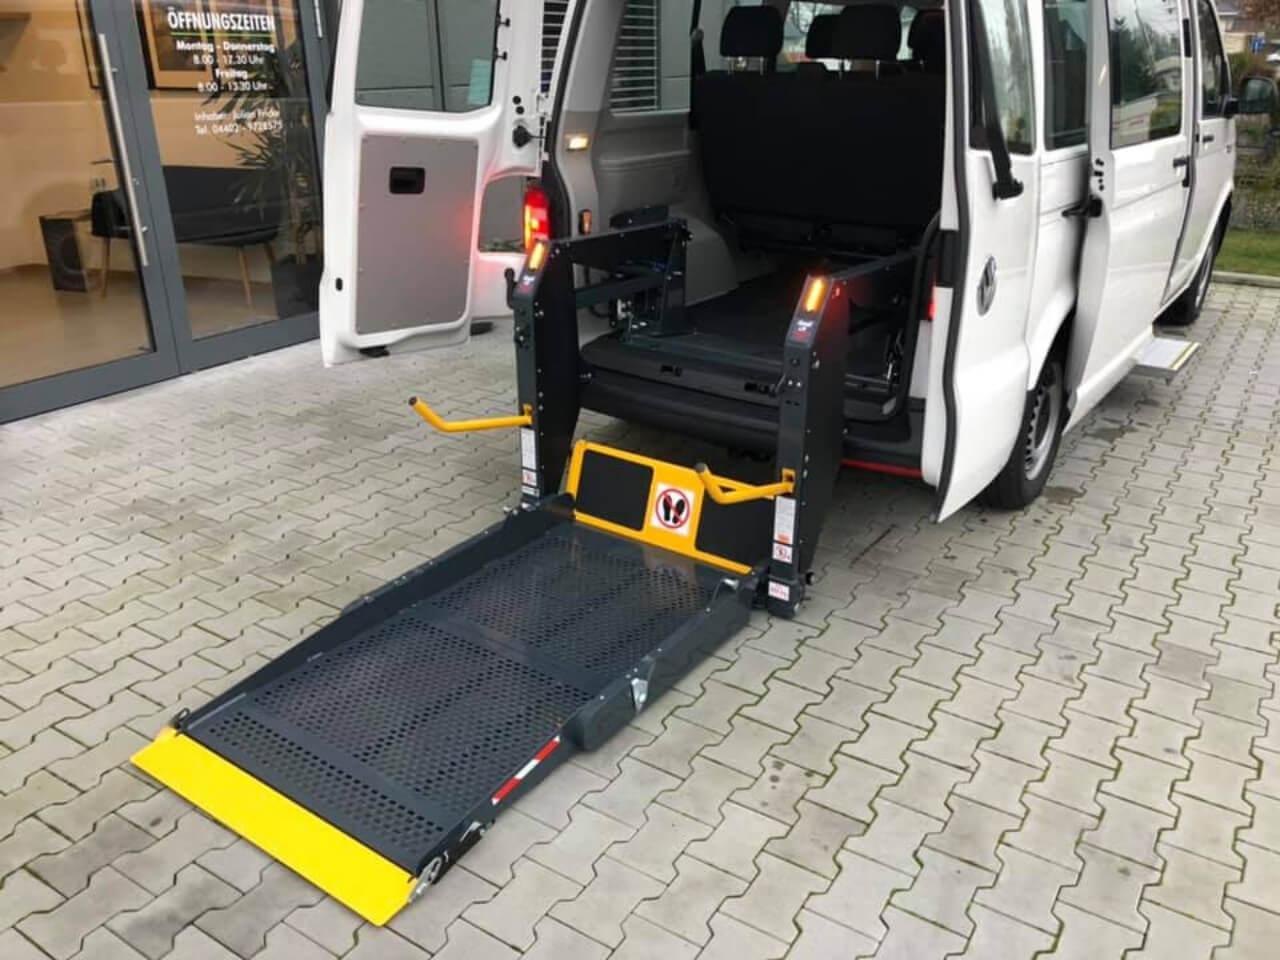 Behindertengerechtes Umbau - VW Bus t6 mit Linearlift für Rollstuhlfahrer - Fricke Behindertengerechte Fahrzeuge (2)